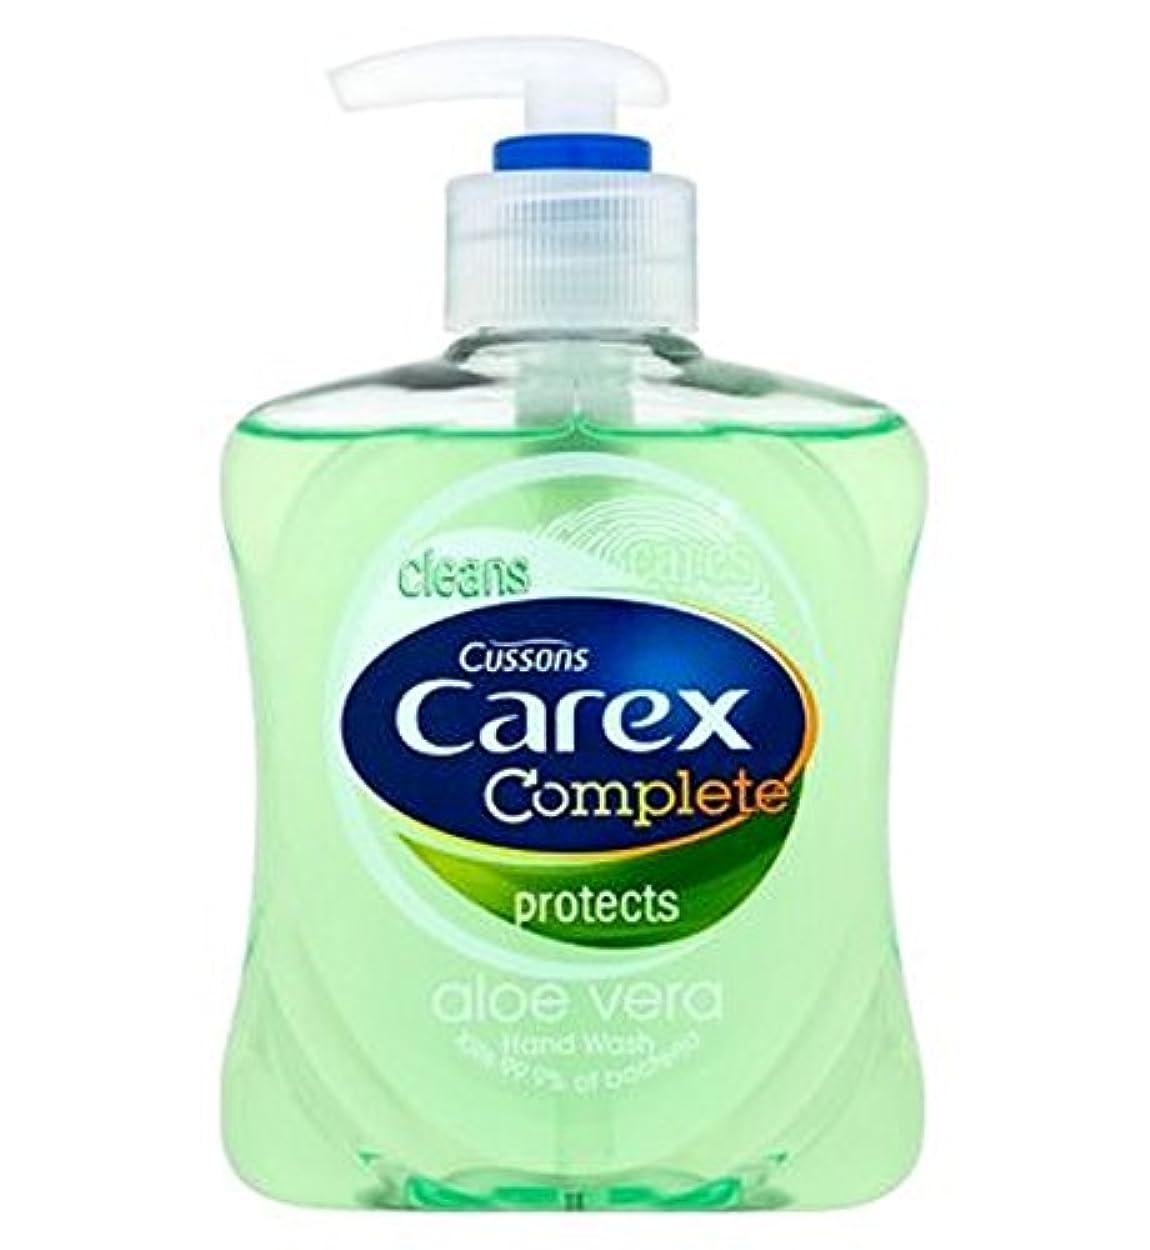 どっちでもどっち有限スゲ属完全なアロエハンドウォッシュ250ミリリットル (Carex) (x2) - Carex Complete Aloe Hand Wash 250ml (Pack of 2) [並行輸入品]